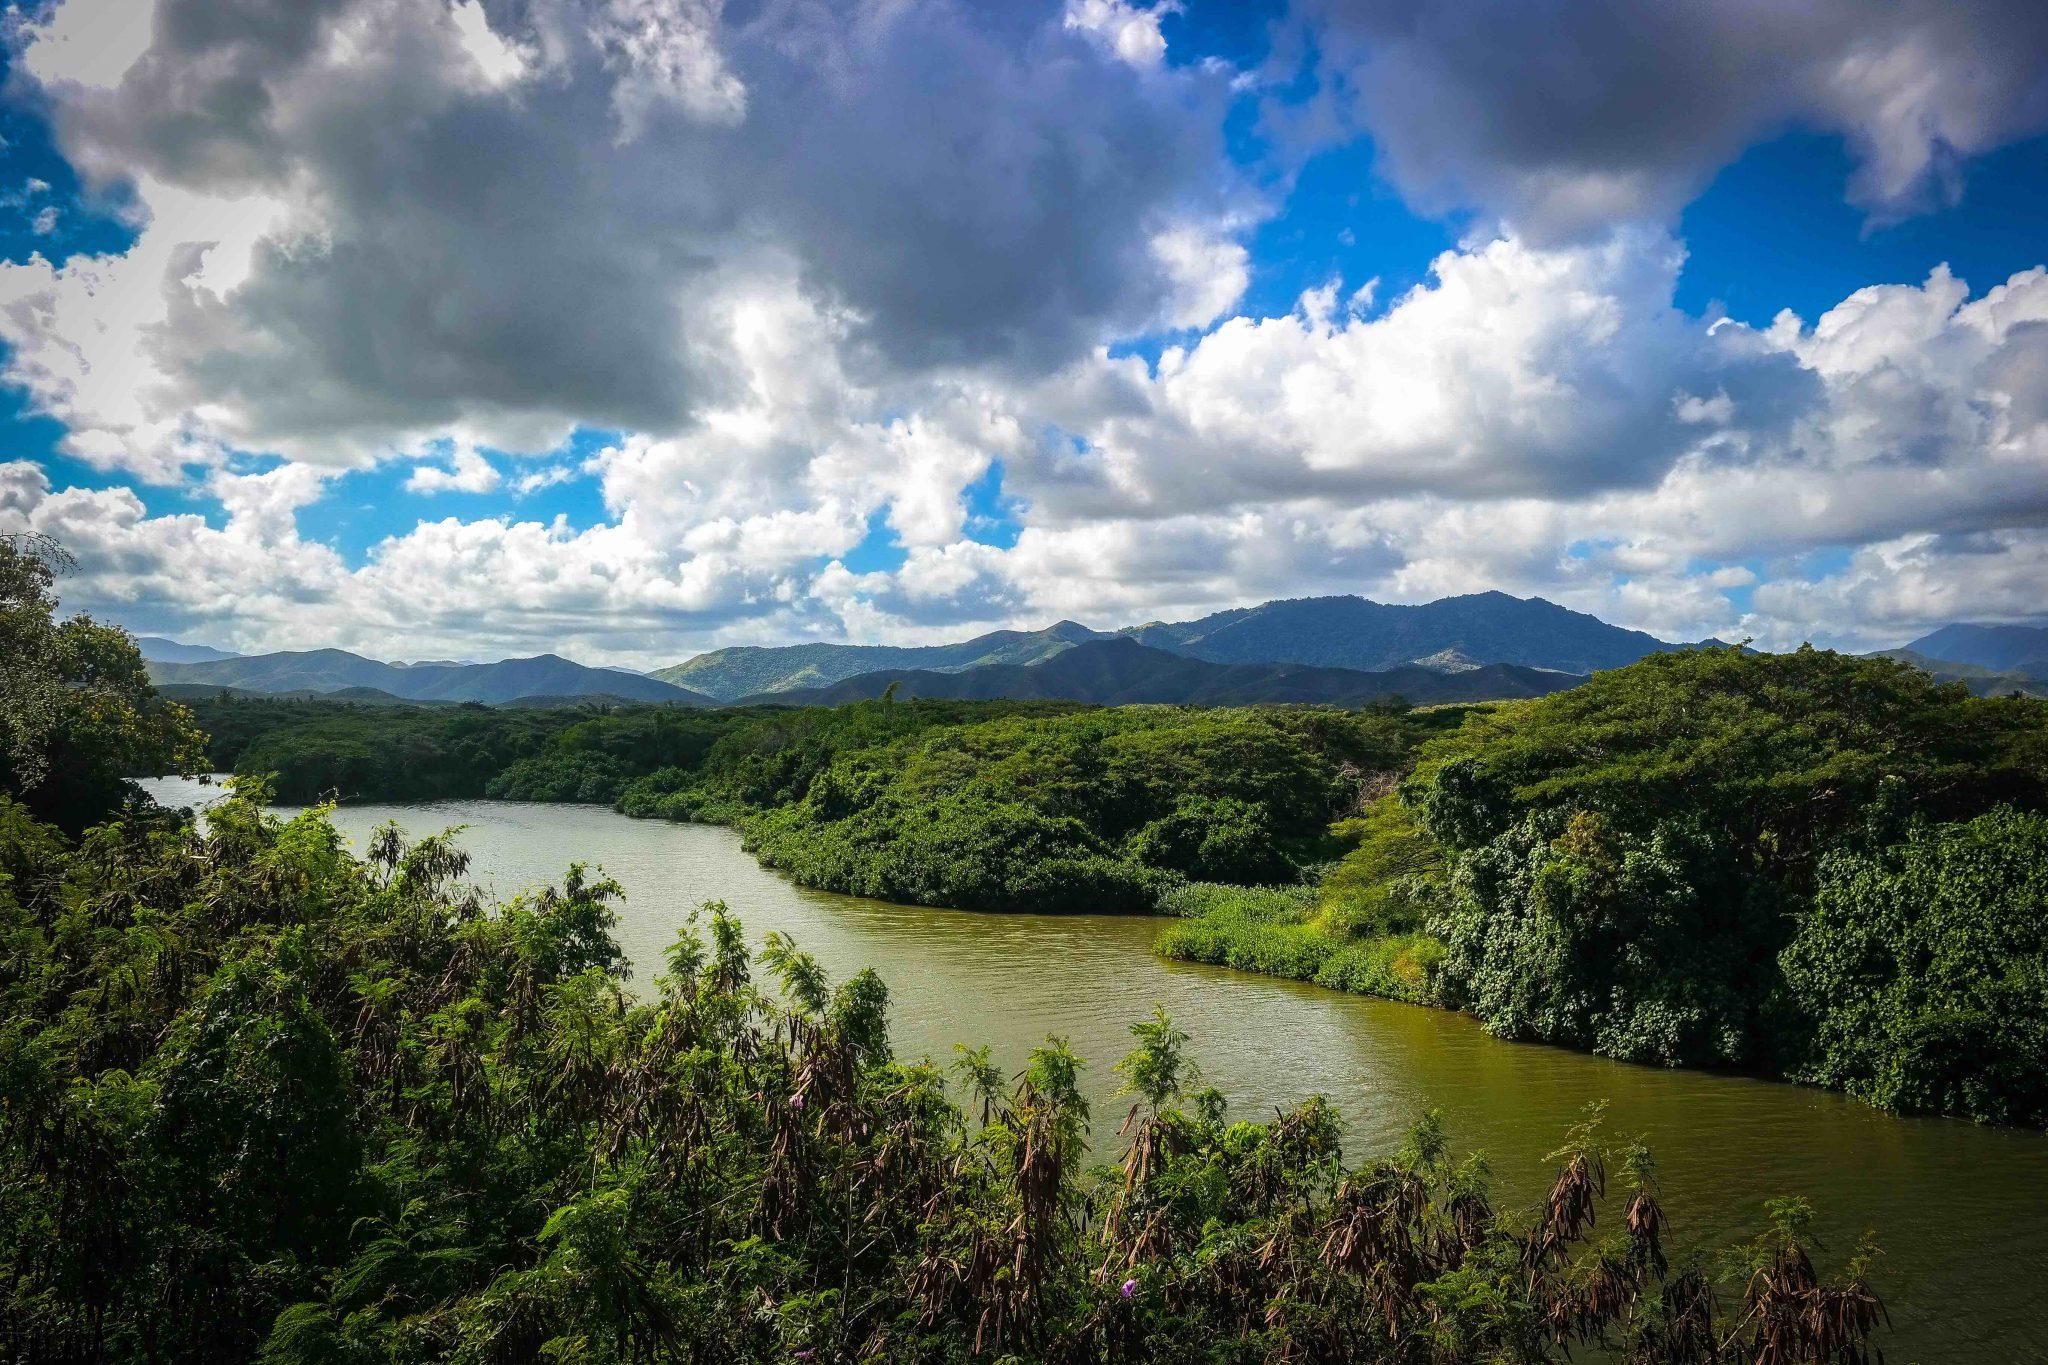 Nieuw-Caledonië: aards paradijs zkt. toeristen - 1